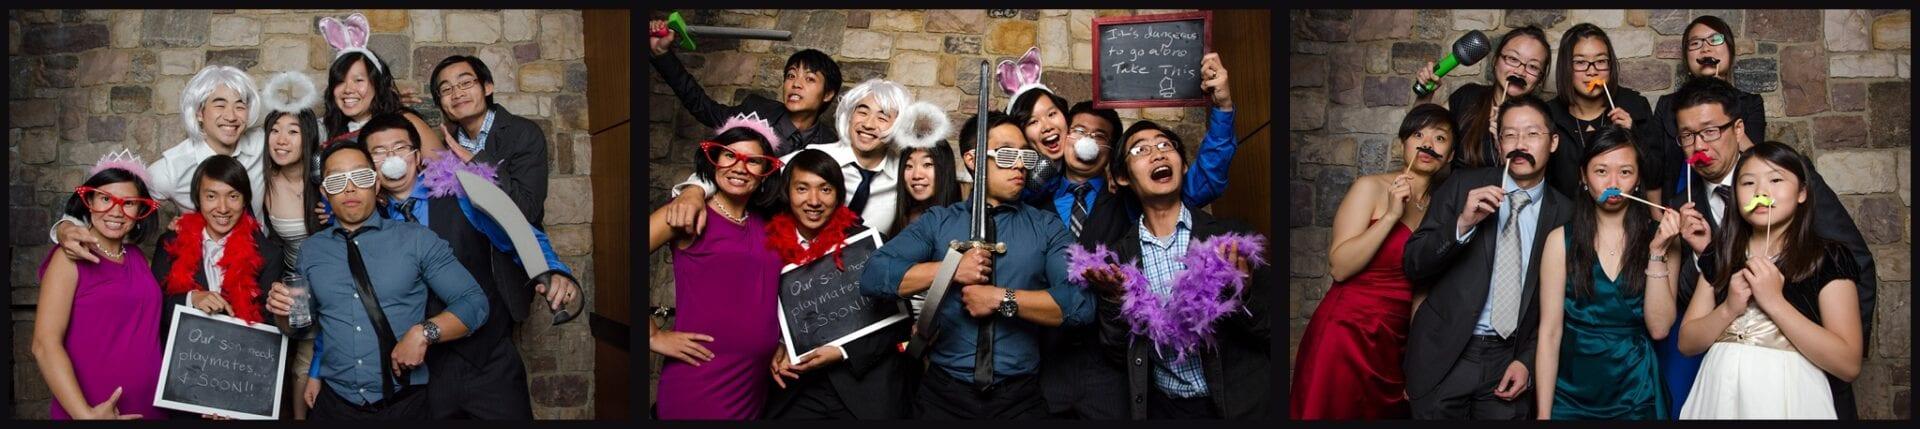 Edmonton-Wedding-photo-booth-Photography-124